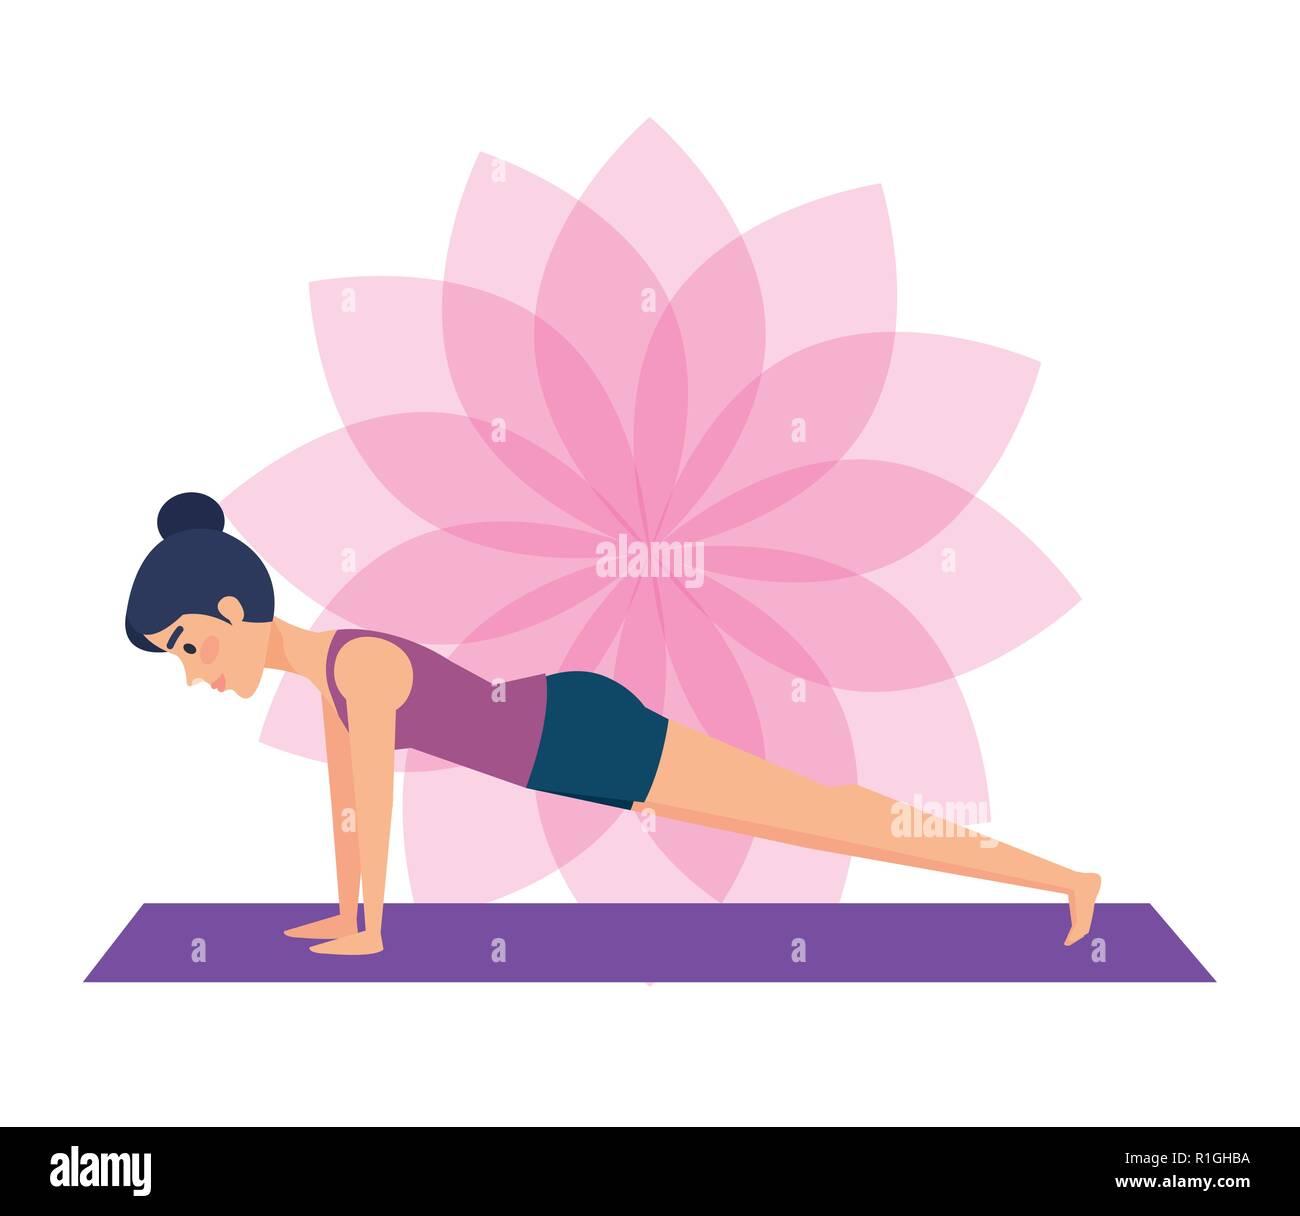 Girl doing yoga pose design - Stock Image